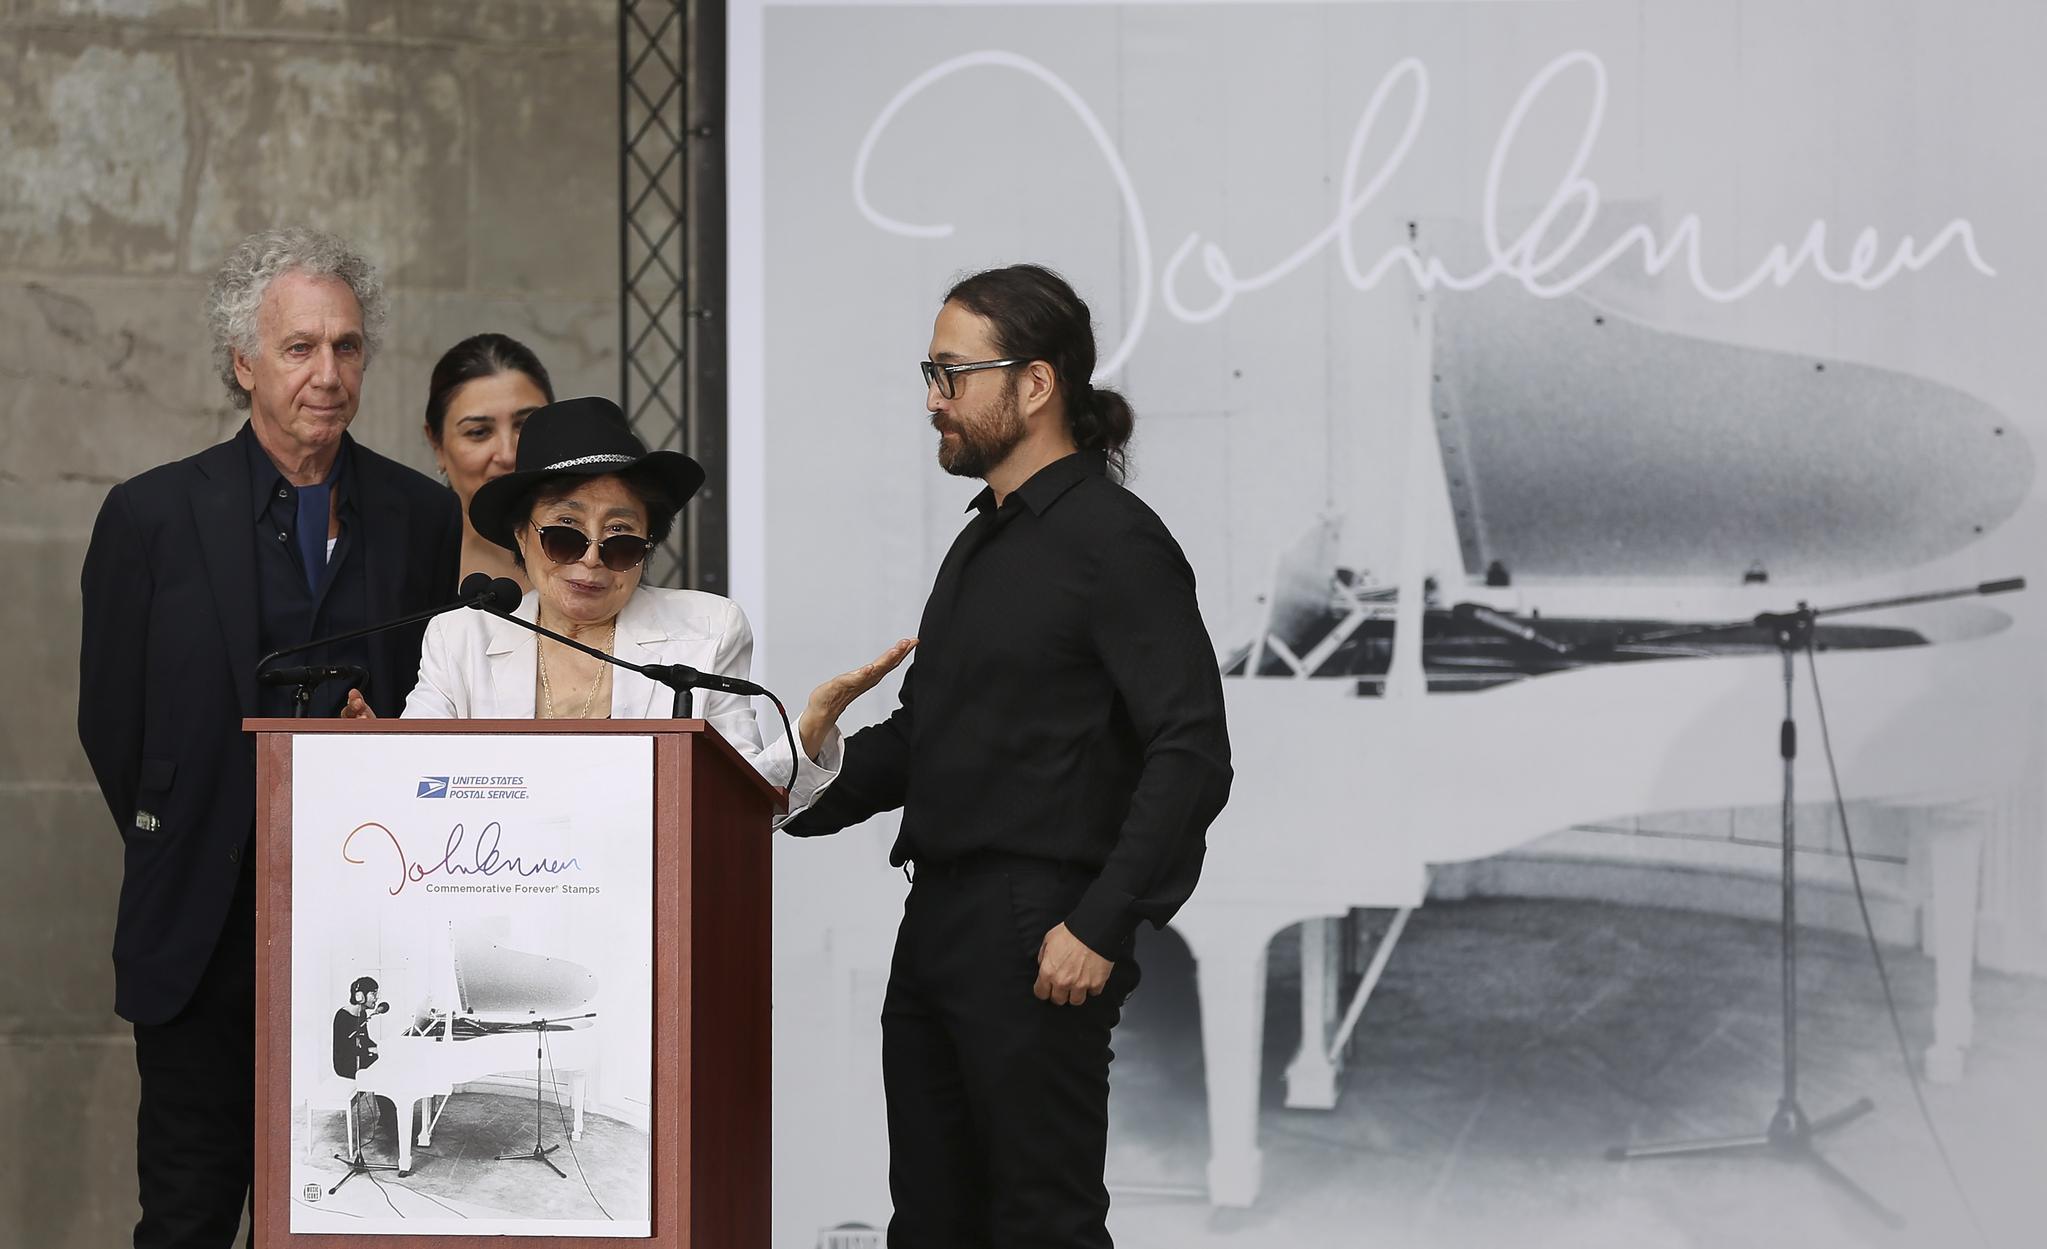 기념식에서 오노 요코가 존 레논에 대한 헌사를 하고 있다. 뒤에 보이는 사진은 우표 뒷면에 실린 존 레논의 흑백 사진. [AP=연합뉴스]